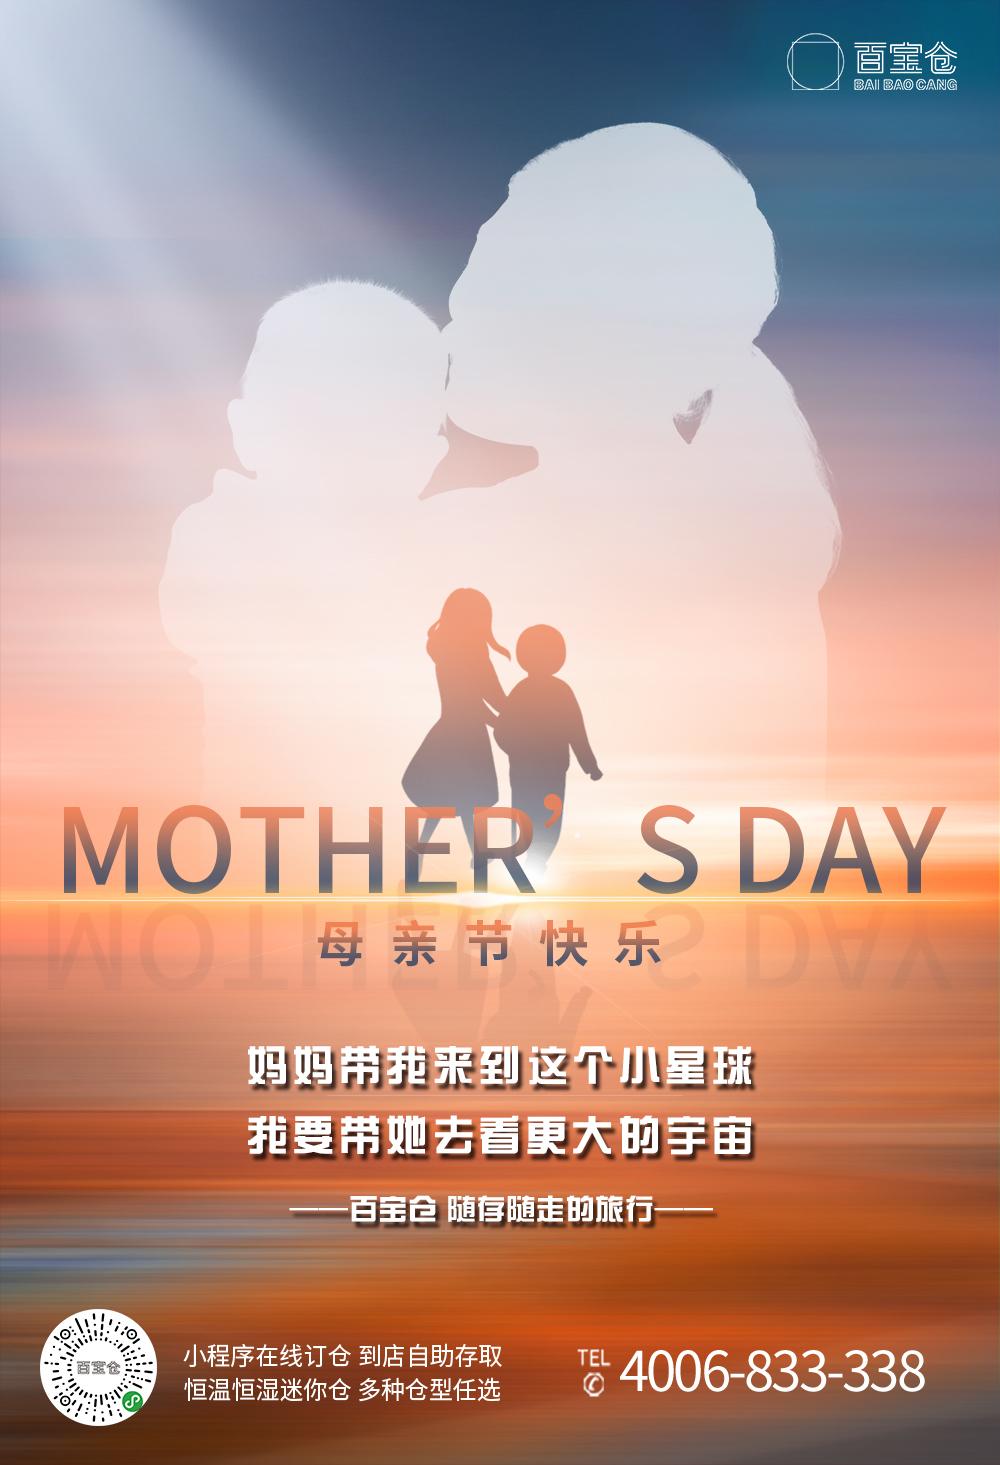 广州百宝仓迷你仓库出租母亲节动节活动海报